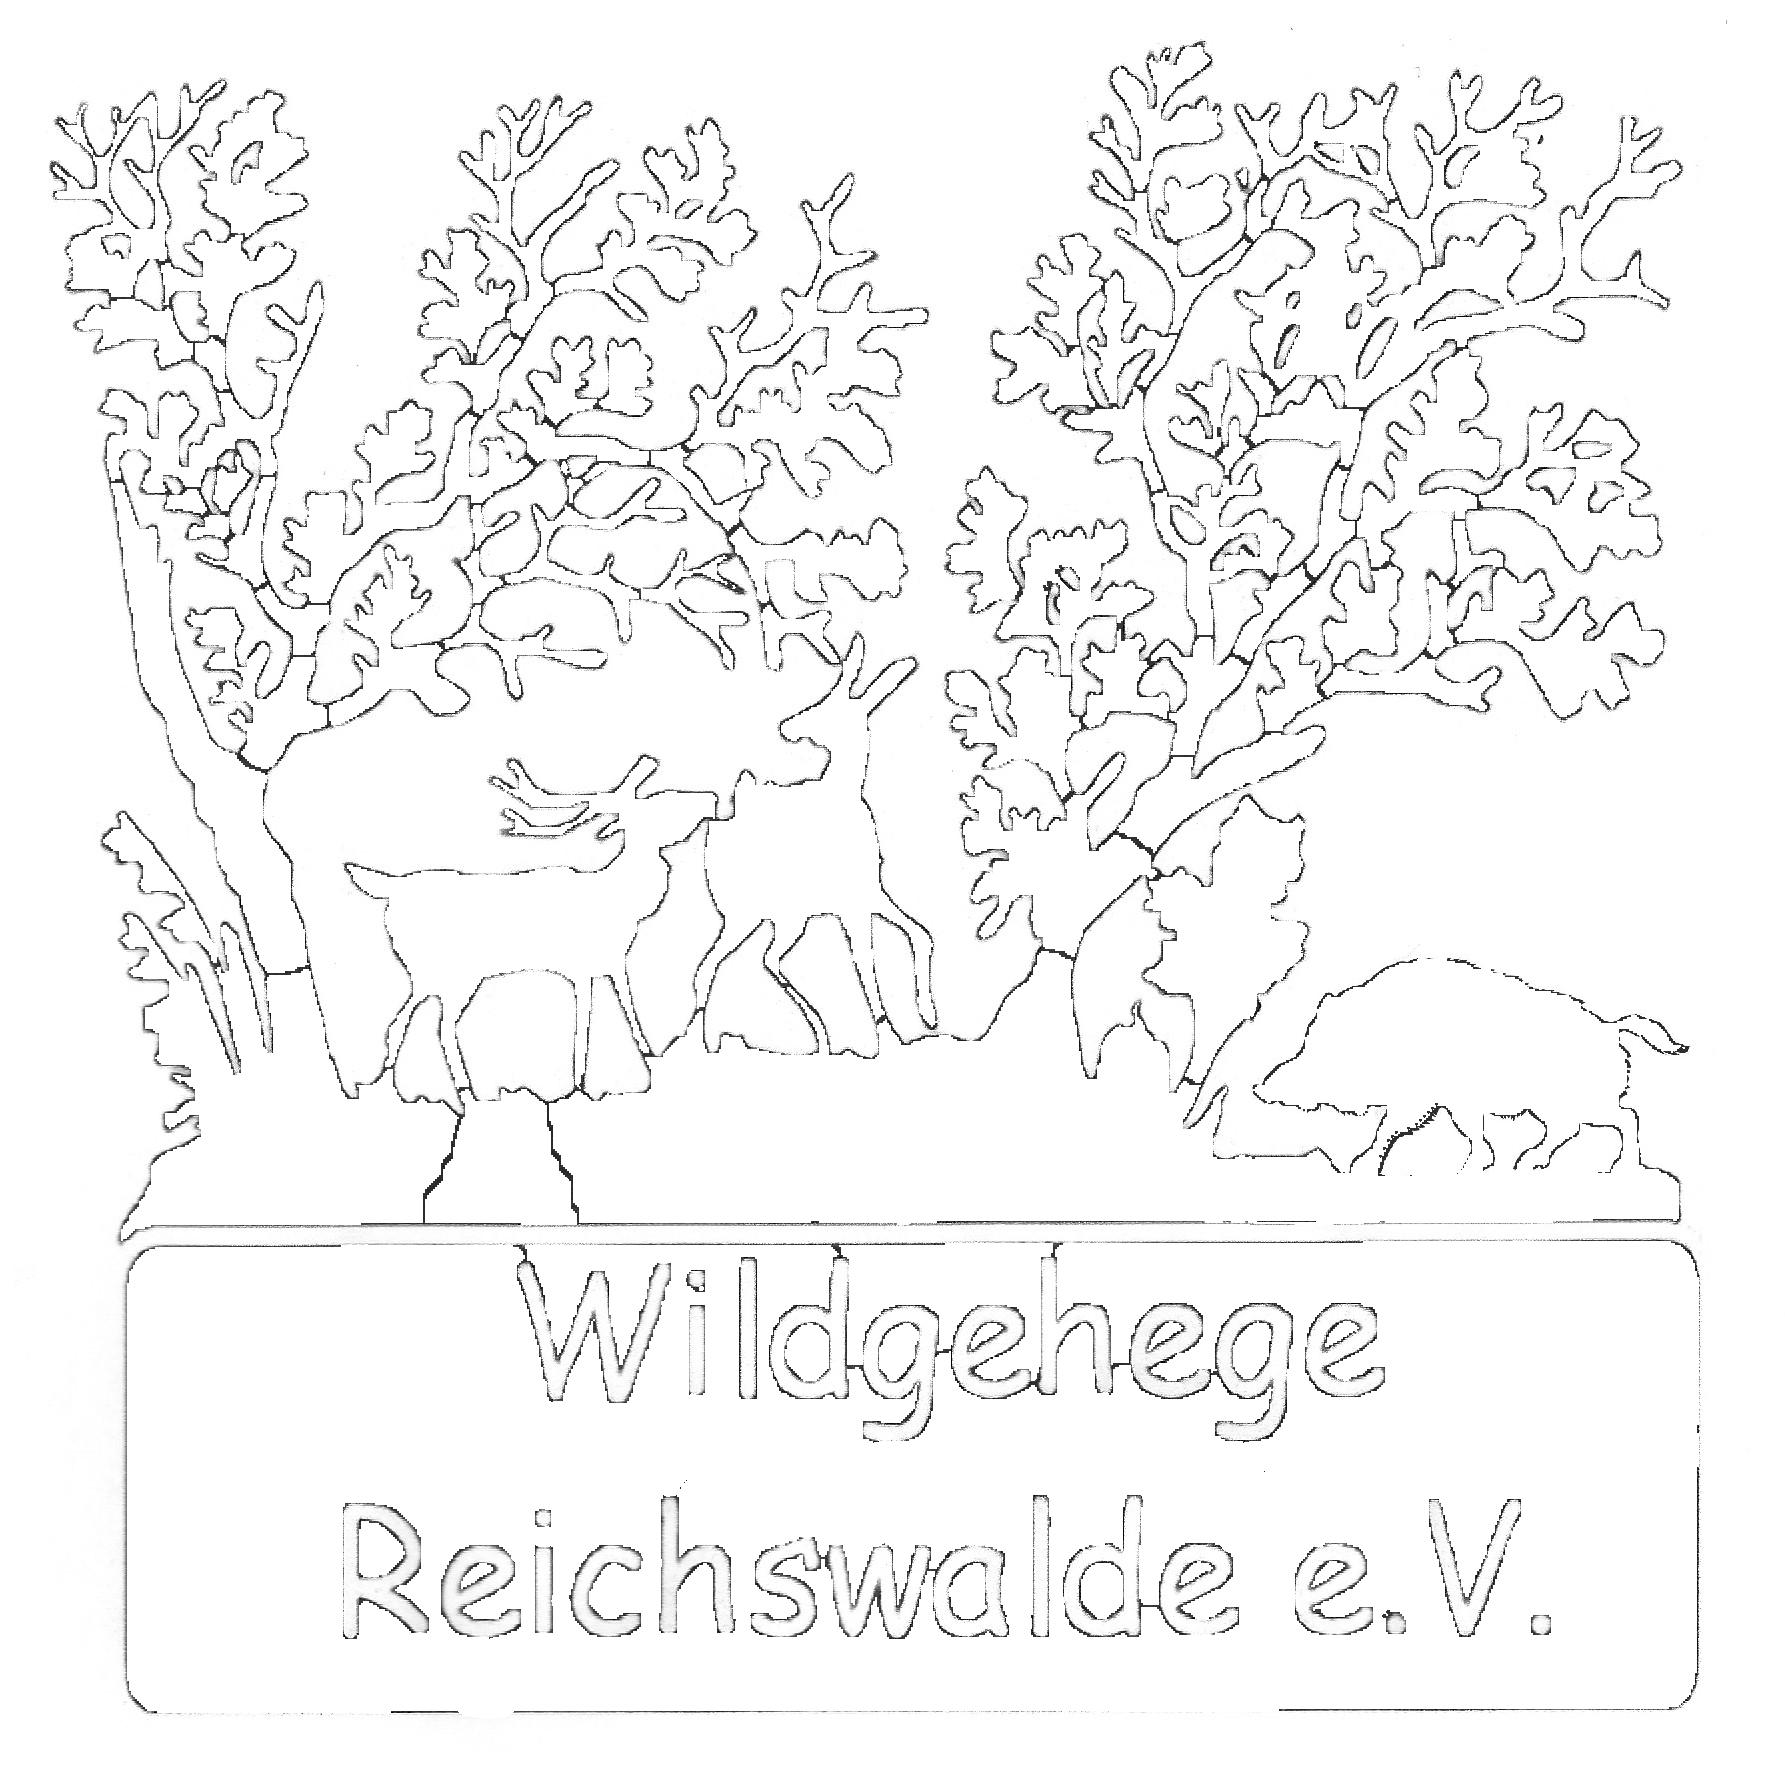 Wildgehege Reichswalde